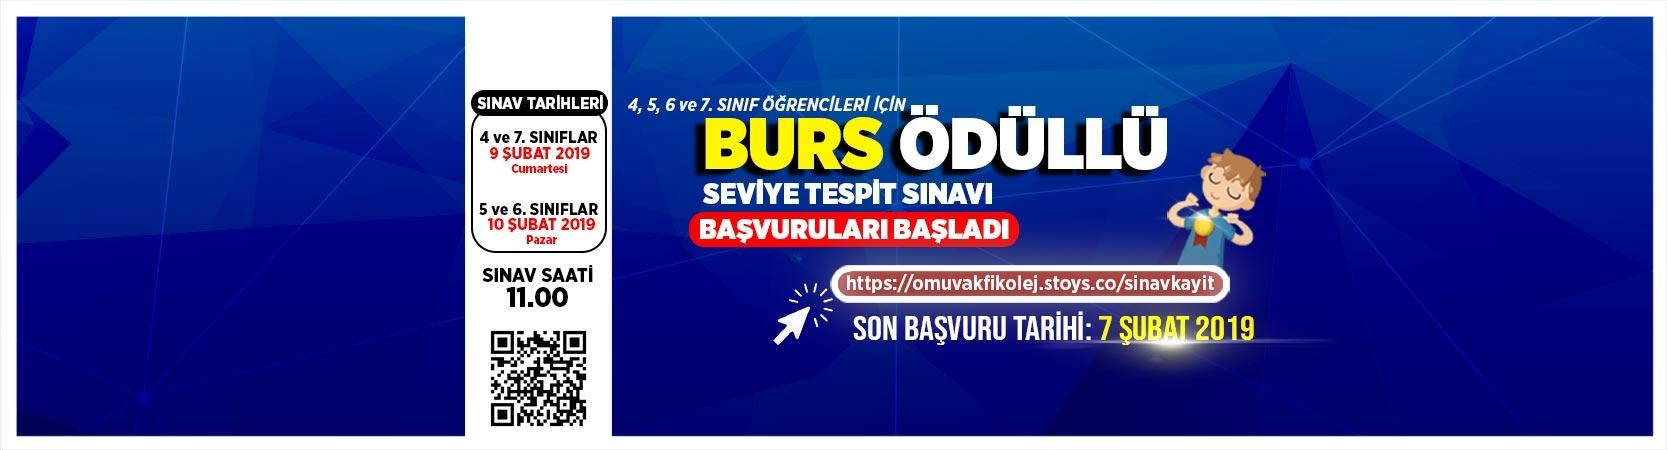 BURS ÖDÜLLÜ SEVİYE TESPİT SINAVI BAŞVURULARI BAŞLADI